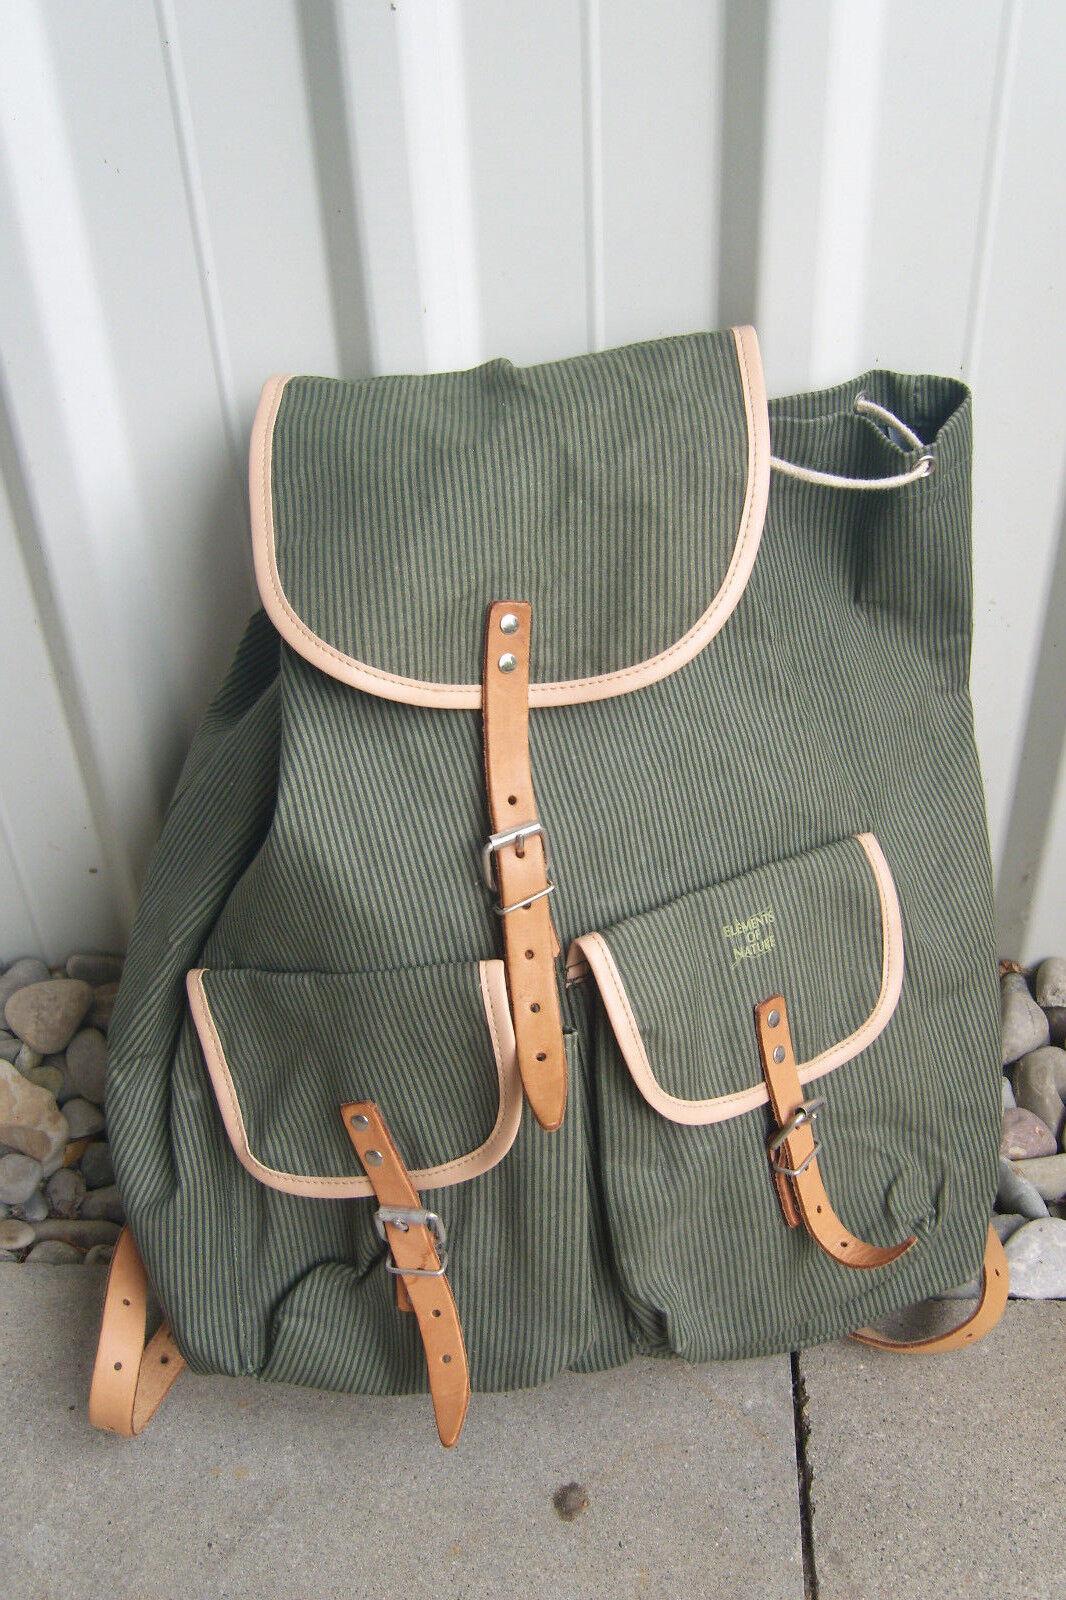 Gebrauchter Rucksack von Nature of Elements Rucksack